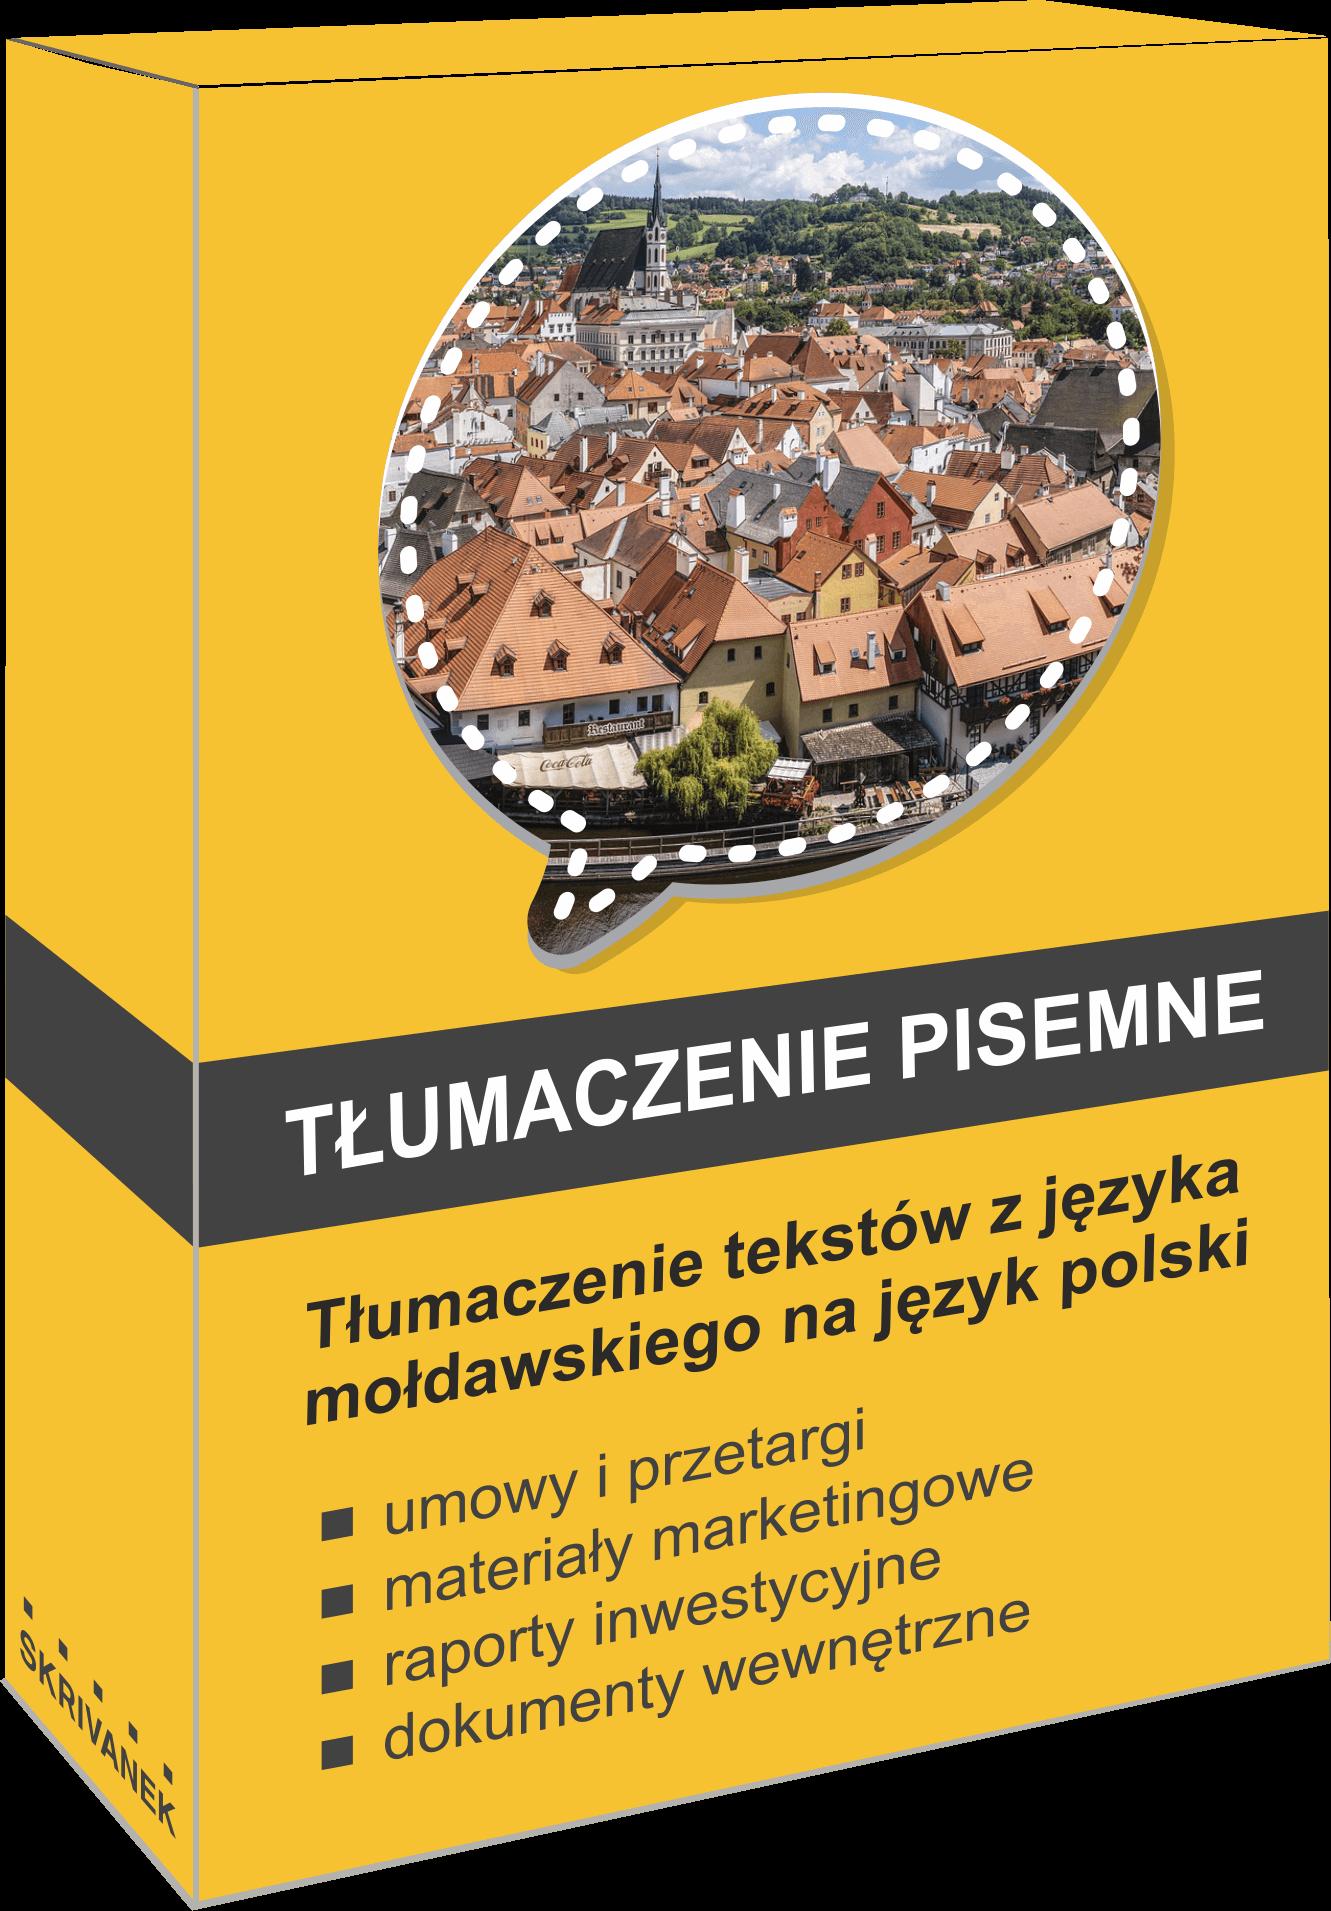 tłumacz języka mołdawskiego